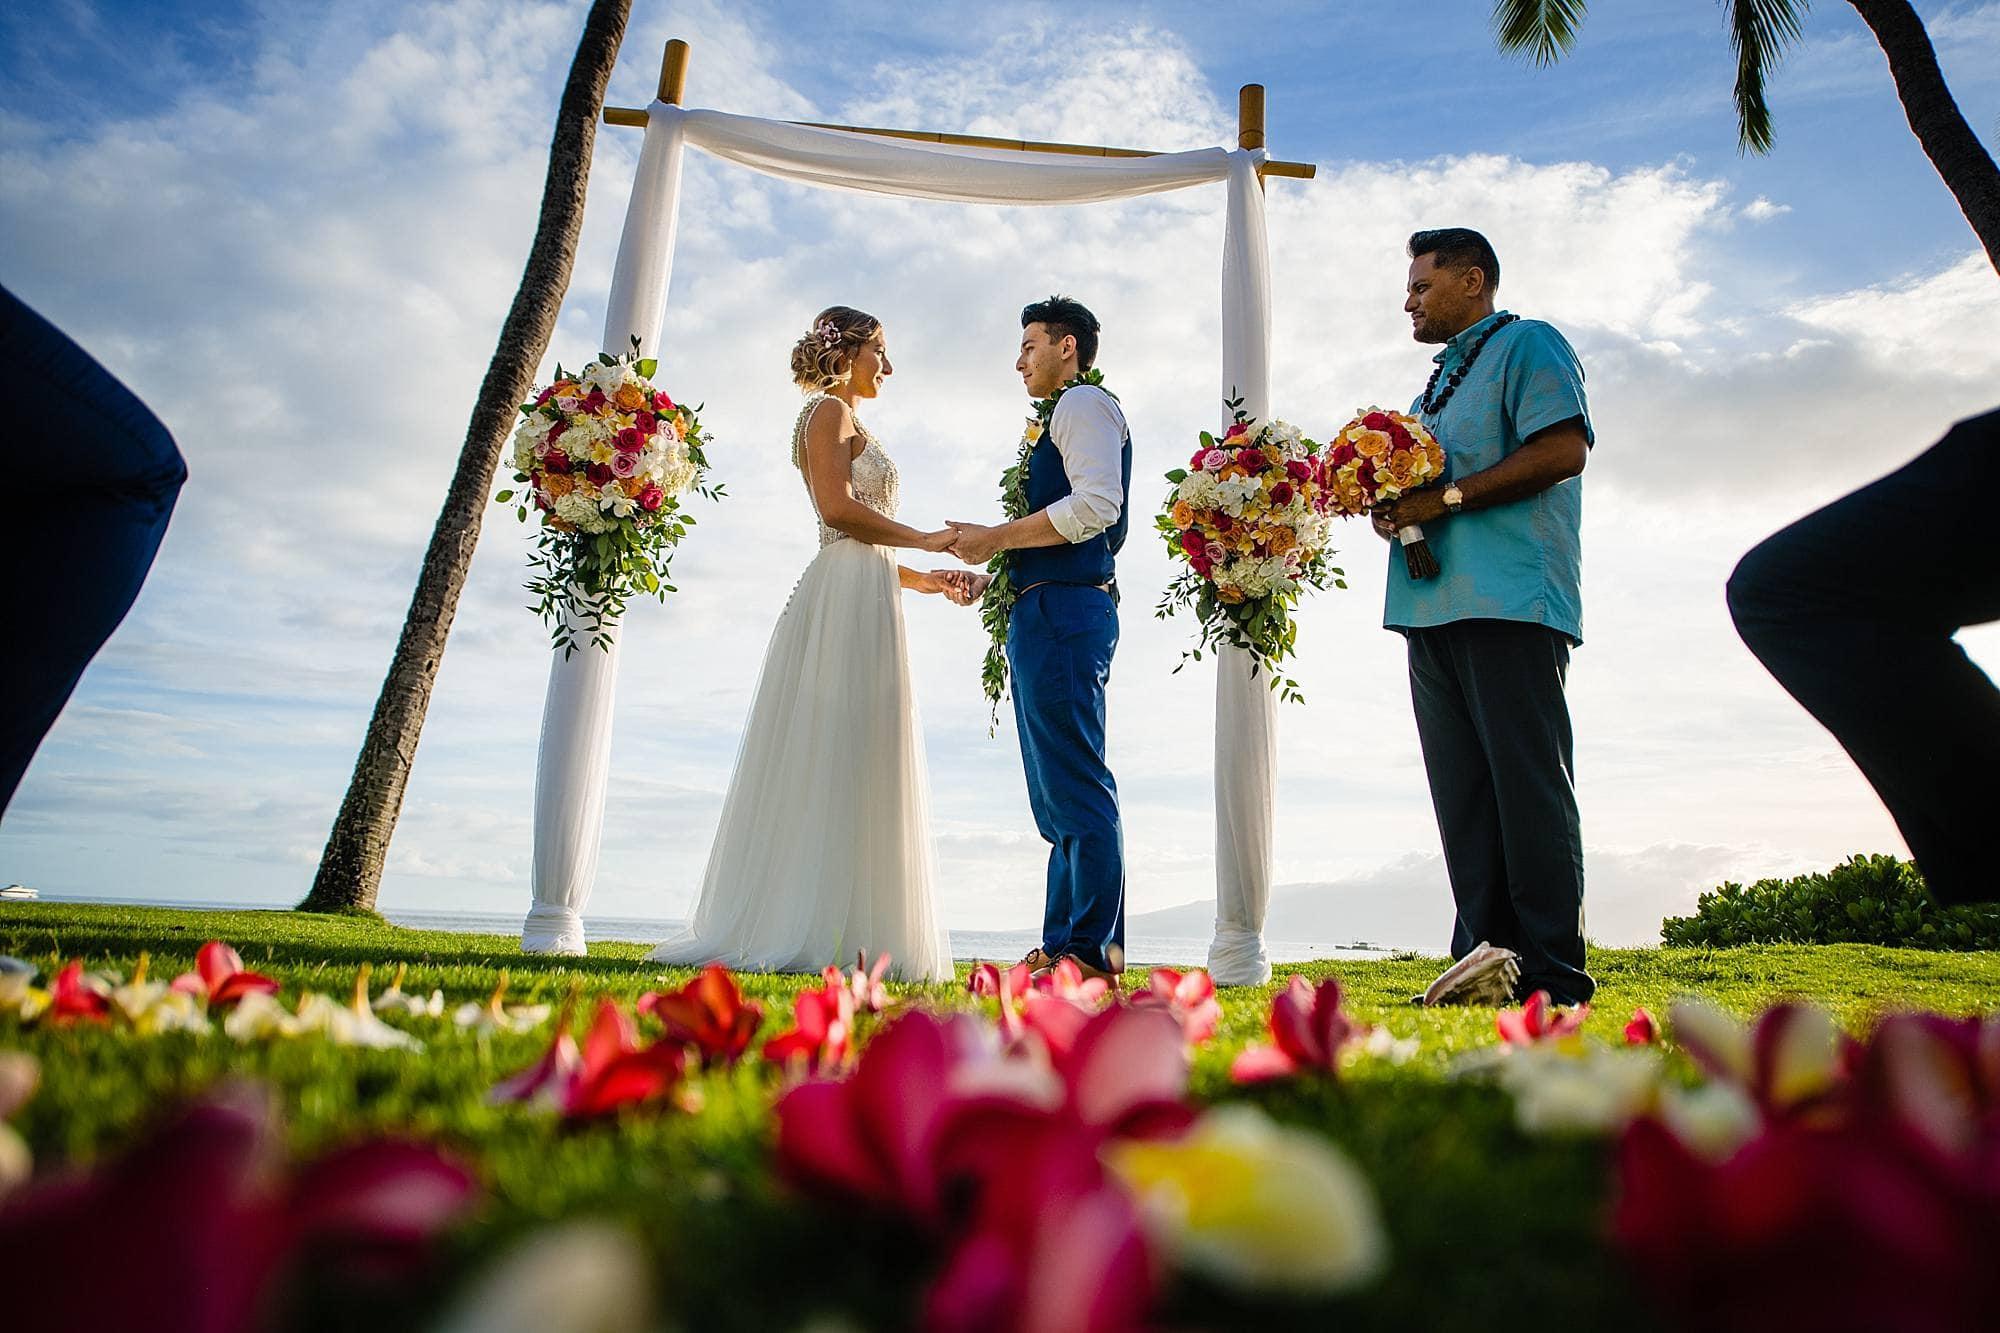 plumeria flower aisle at maui wedding